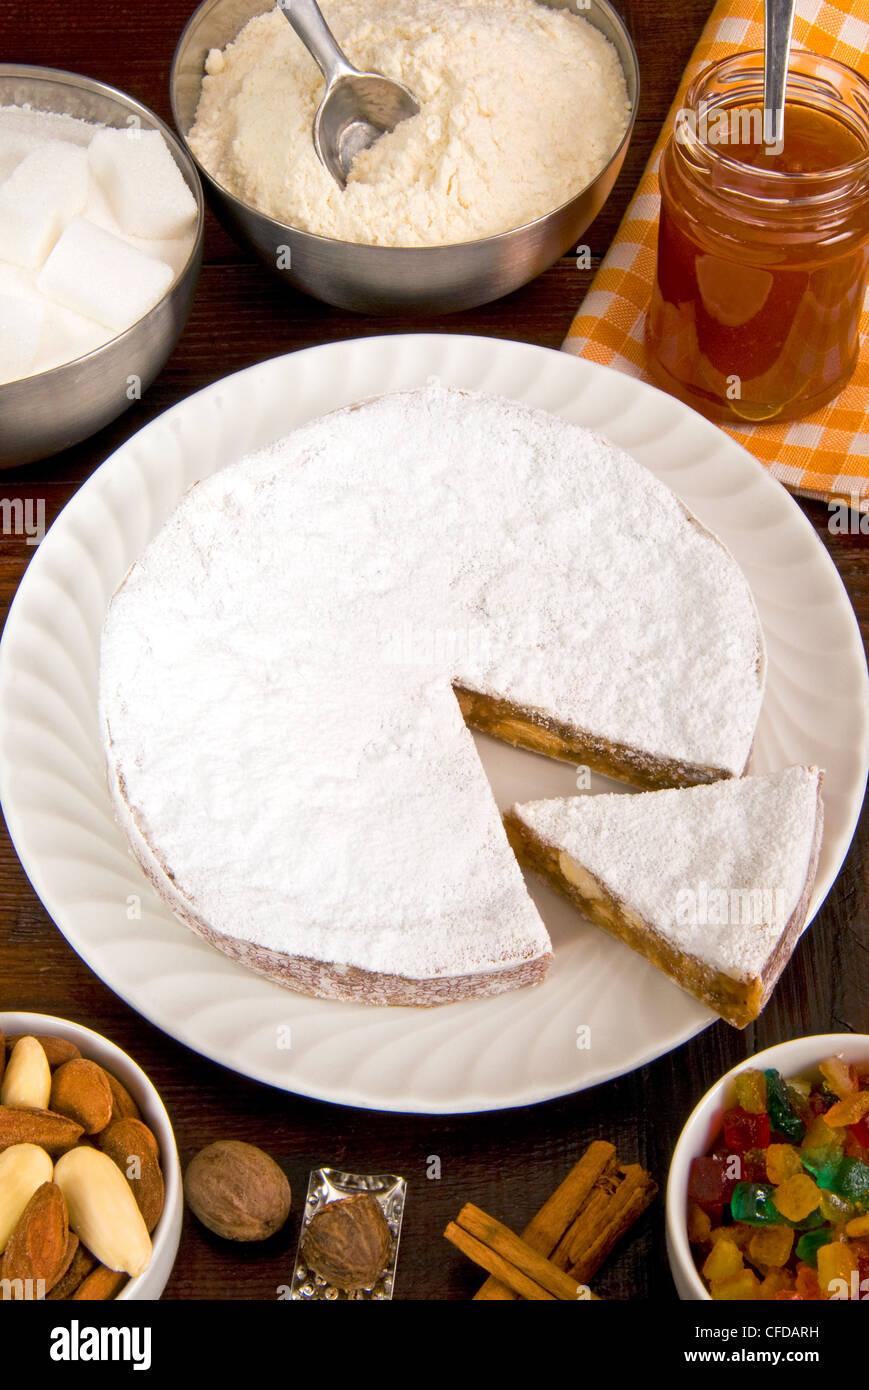 Traditional Italian Christmas Panforte Cake Stock Photos ...